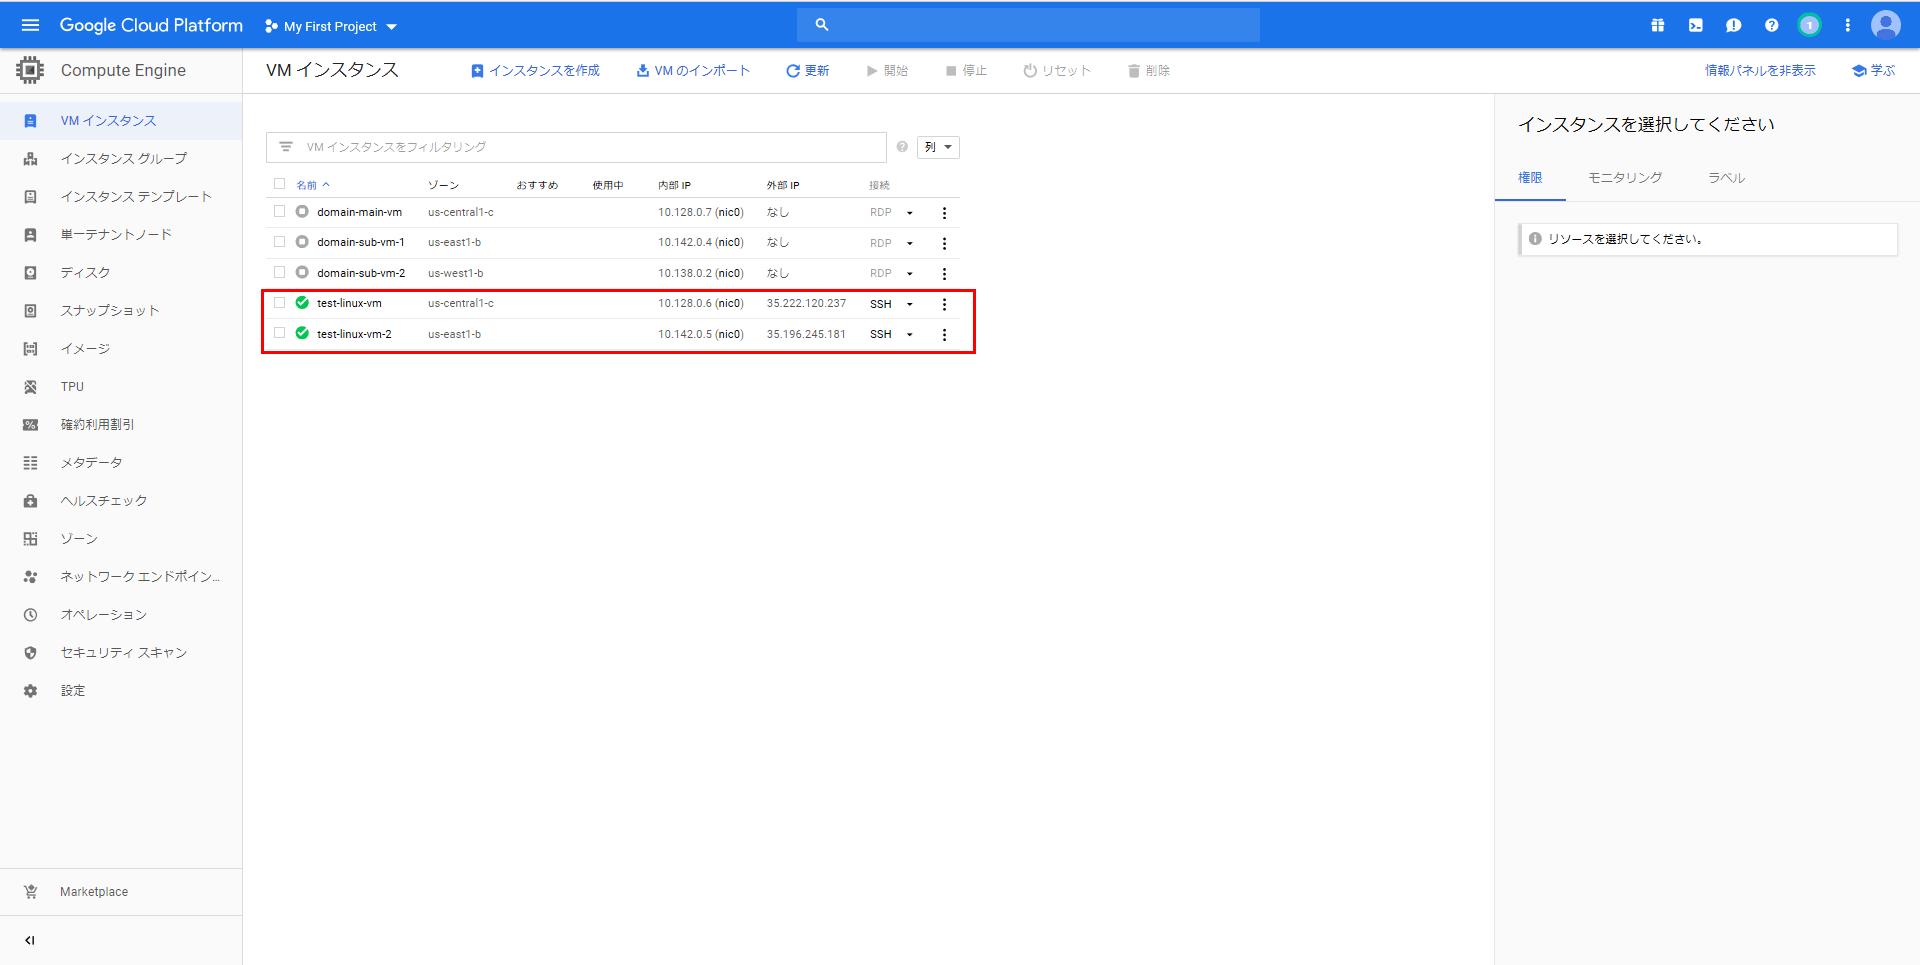 実行結果_2台の場合_1